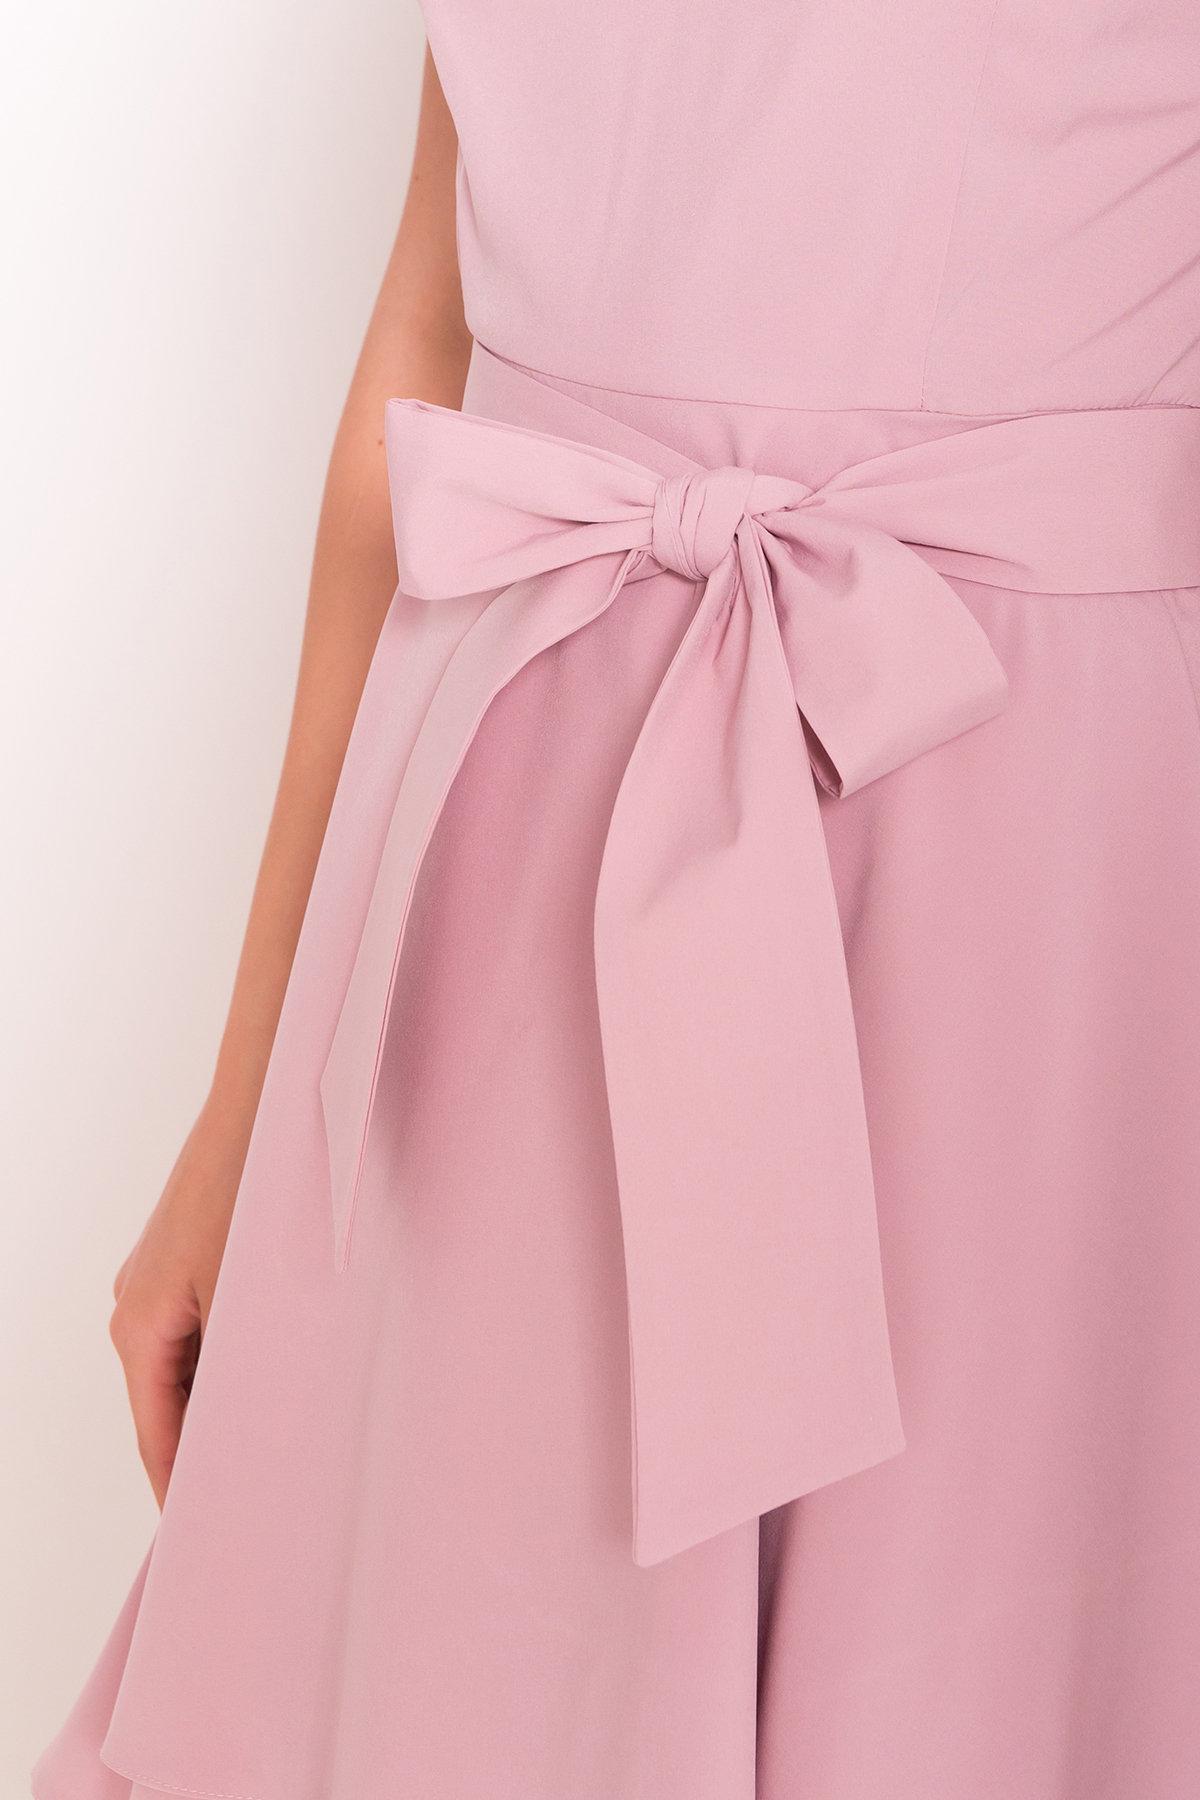 Платье Нимфа лайт  7455 Цвет: Пудра Темная